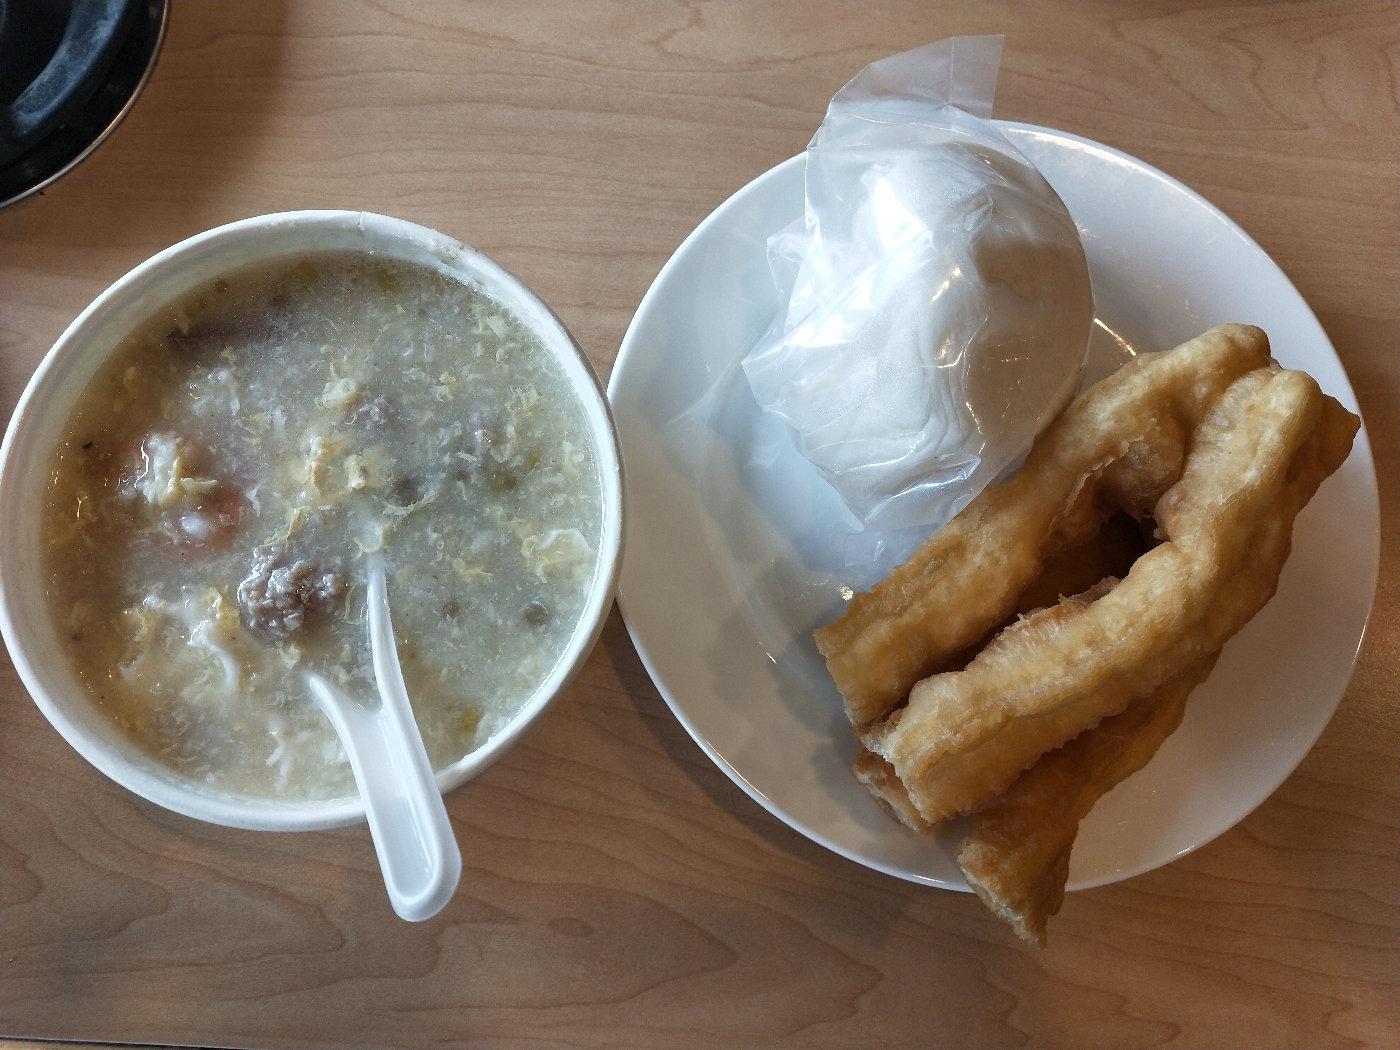 酒店提供的早餐,粥的料很实在,有两三只虾,然后瘦肉和蛋,味道很好